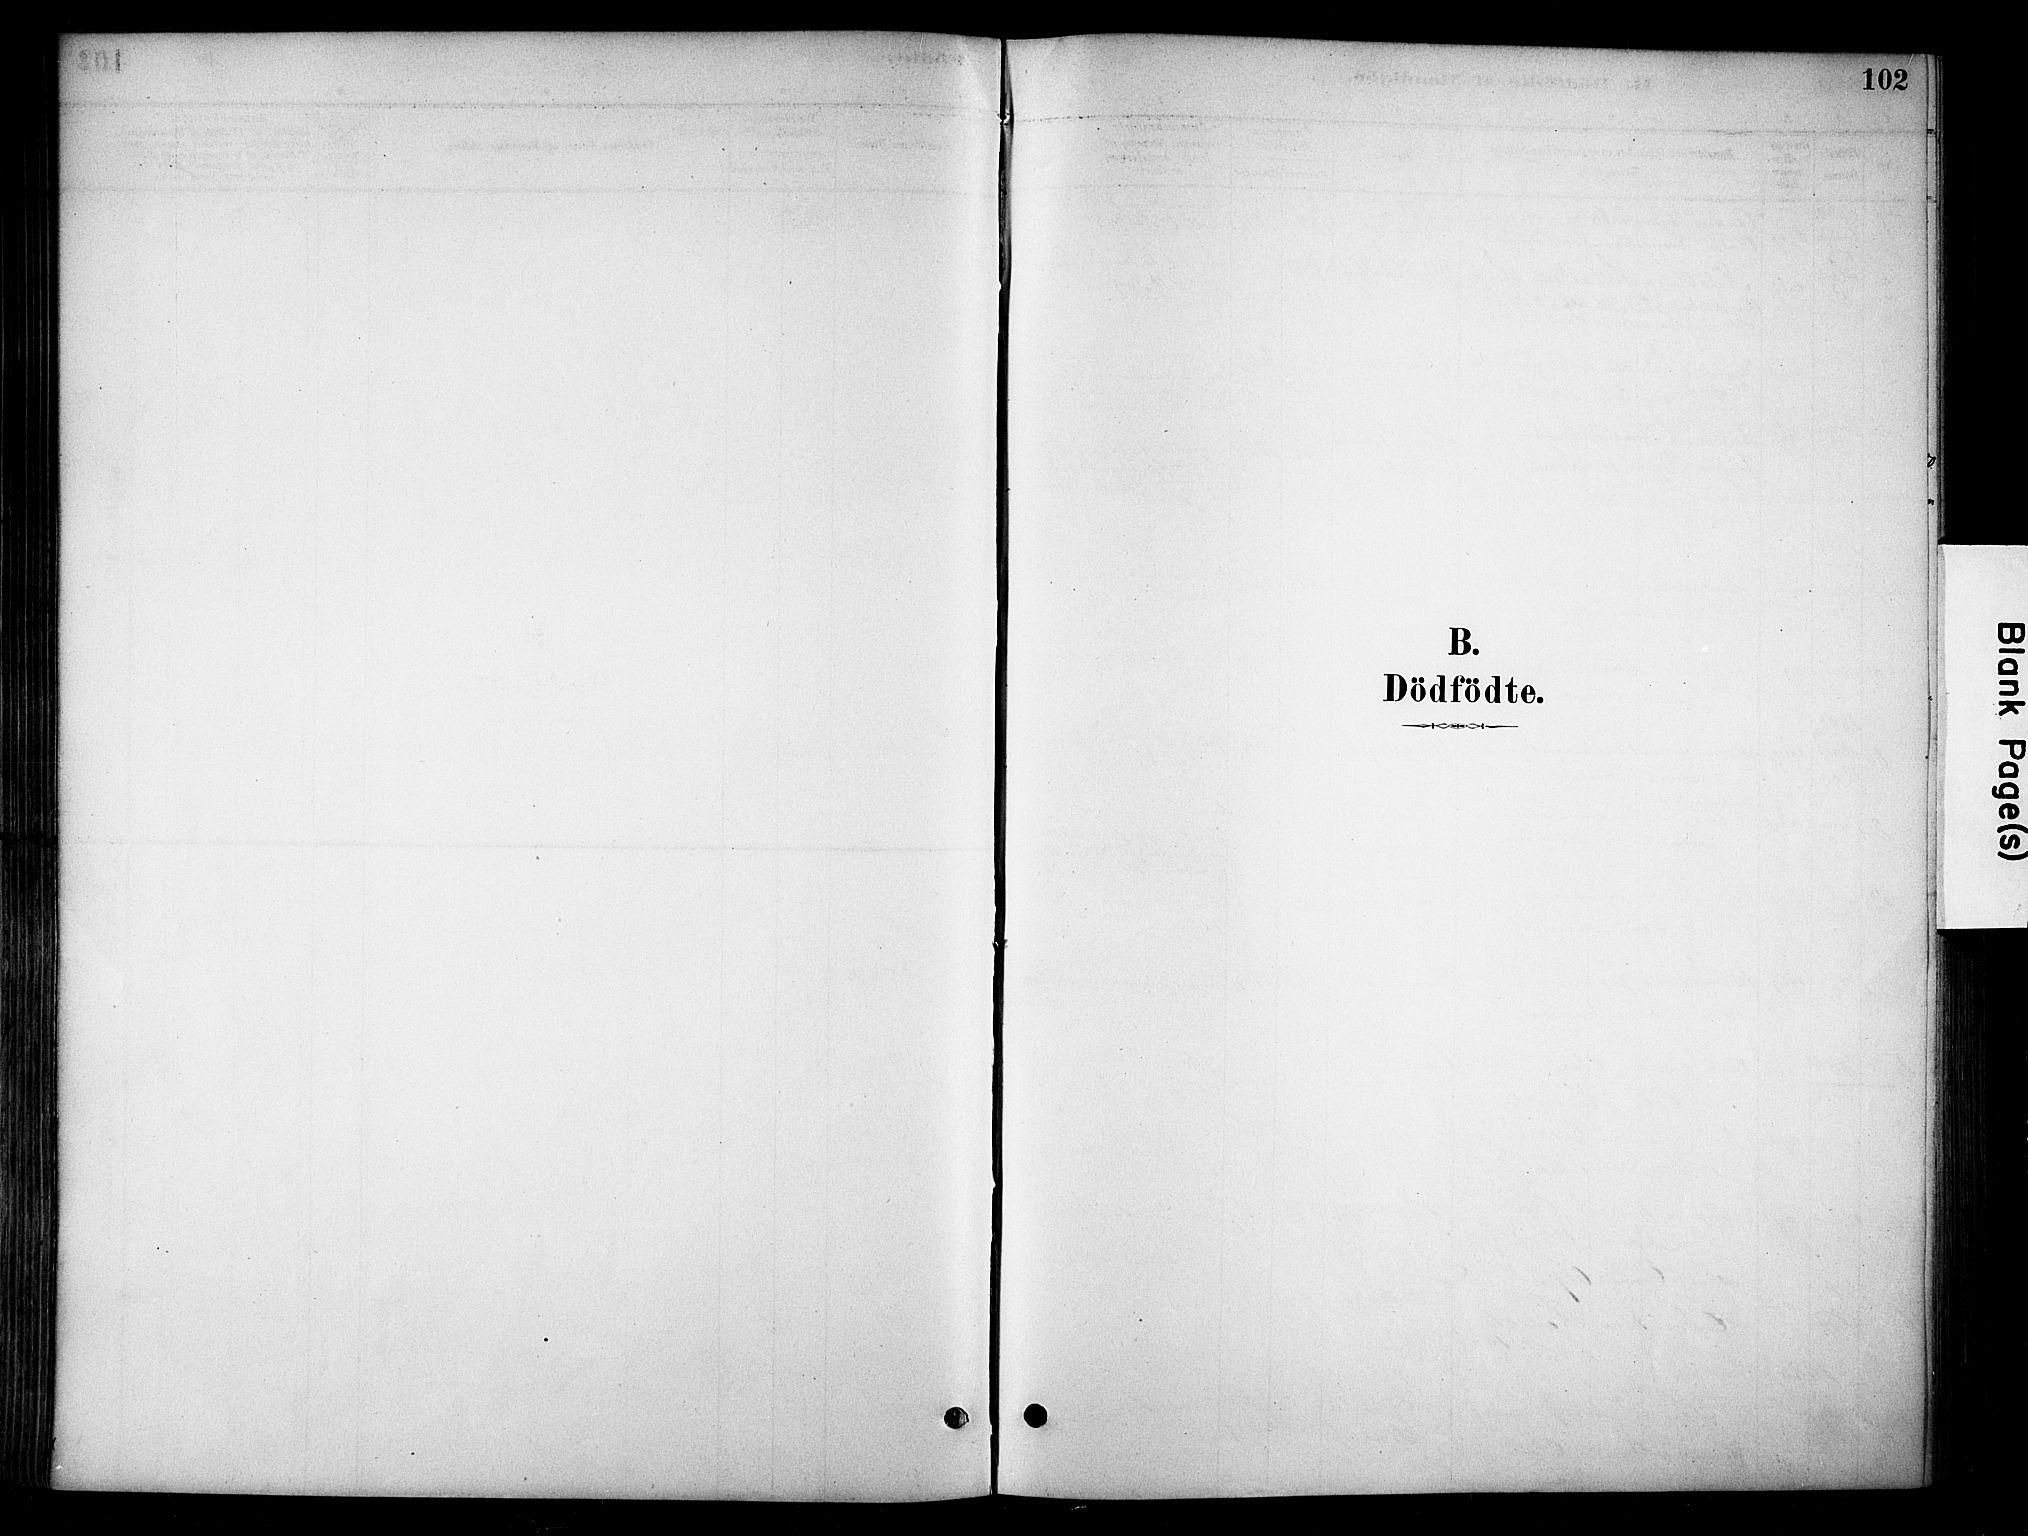 SAH, Stange prestekontor, K/L0018: Parish register (official) no. 18, 1880-1896, p. 102